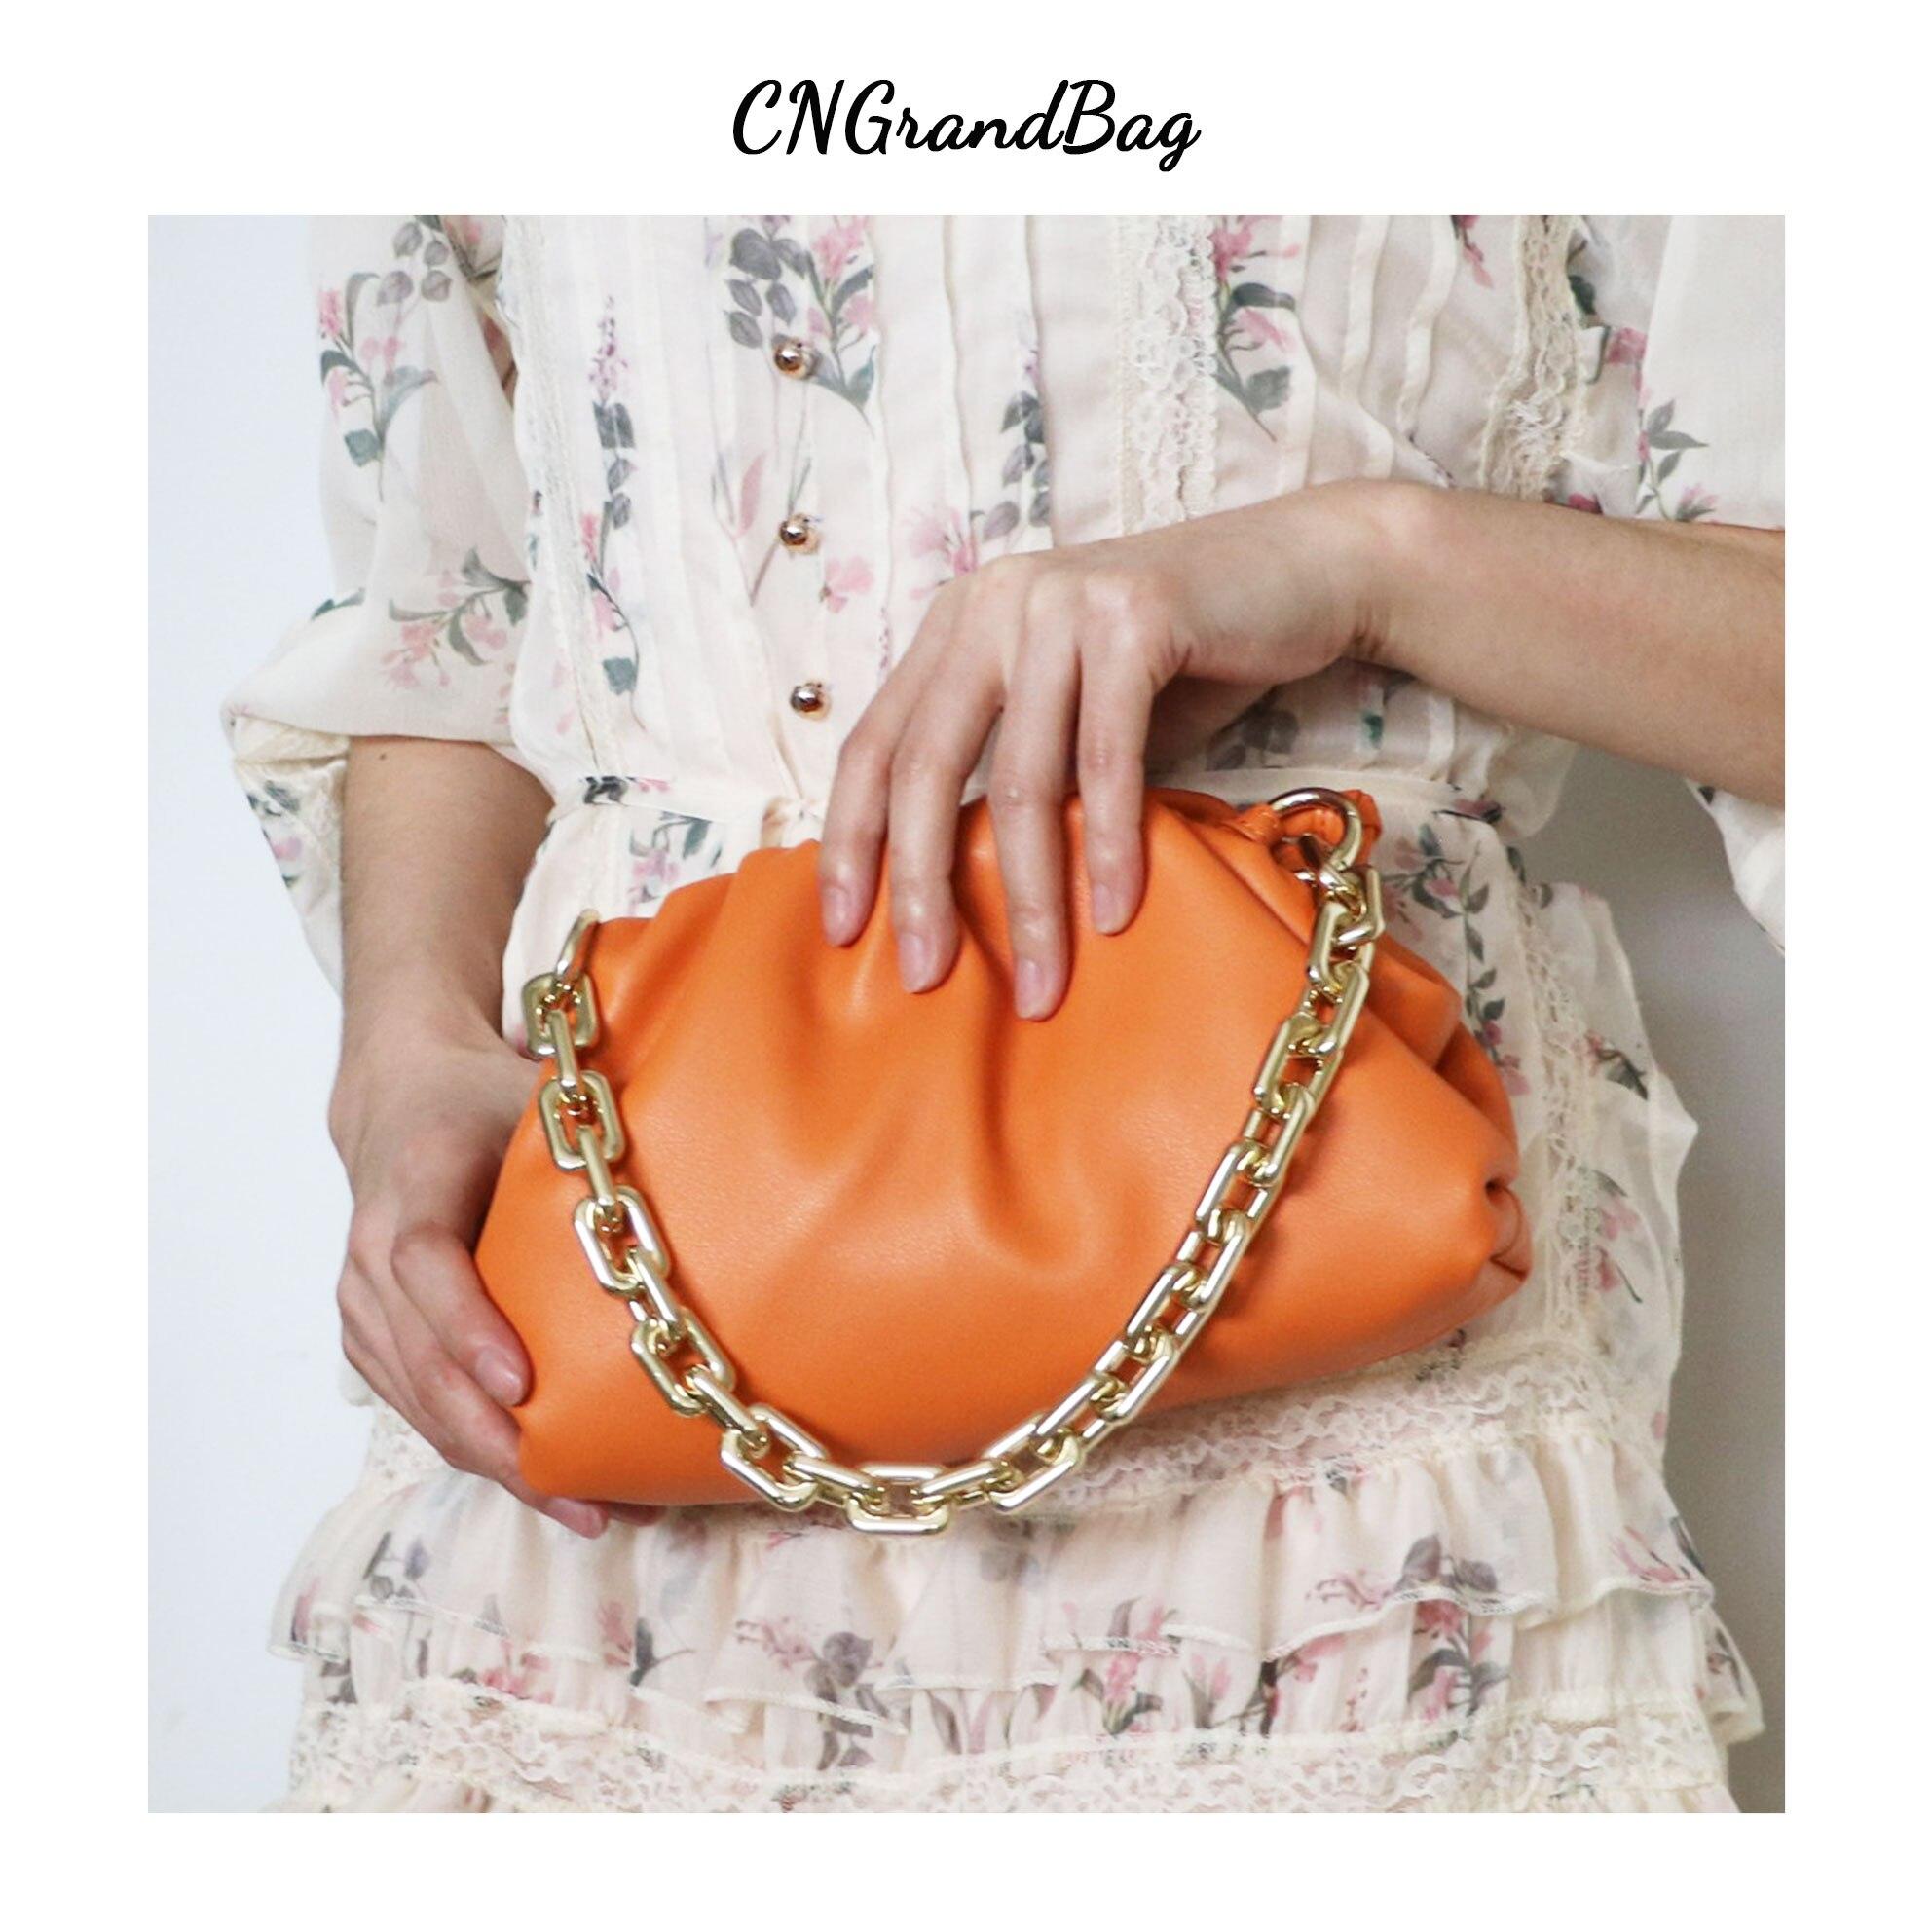 Модная женская сумочка из натуральной кожи, густая облачная сумка на цепочке для девушек, клатч пельмень, женский Хобо на плечо|Сумки с ручками| | АлиЭкспресс